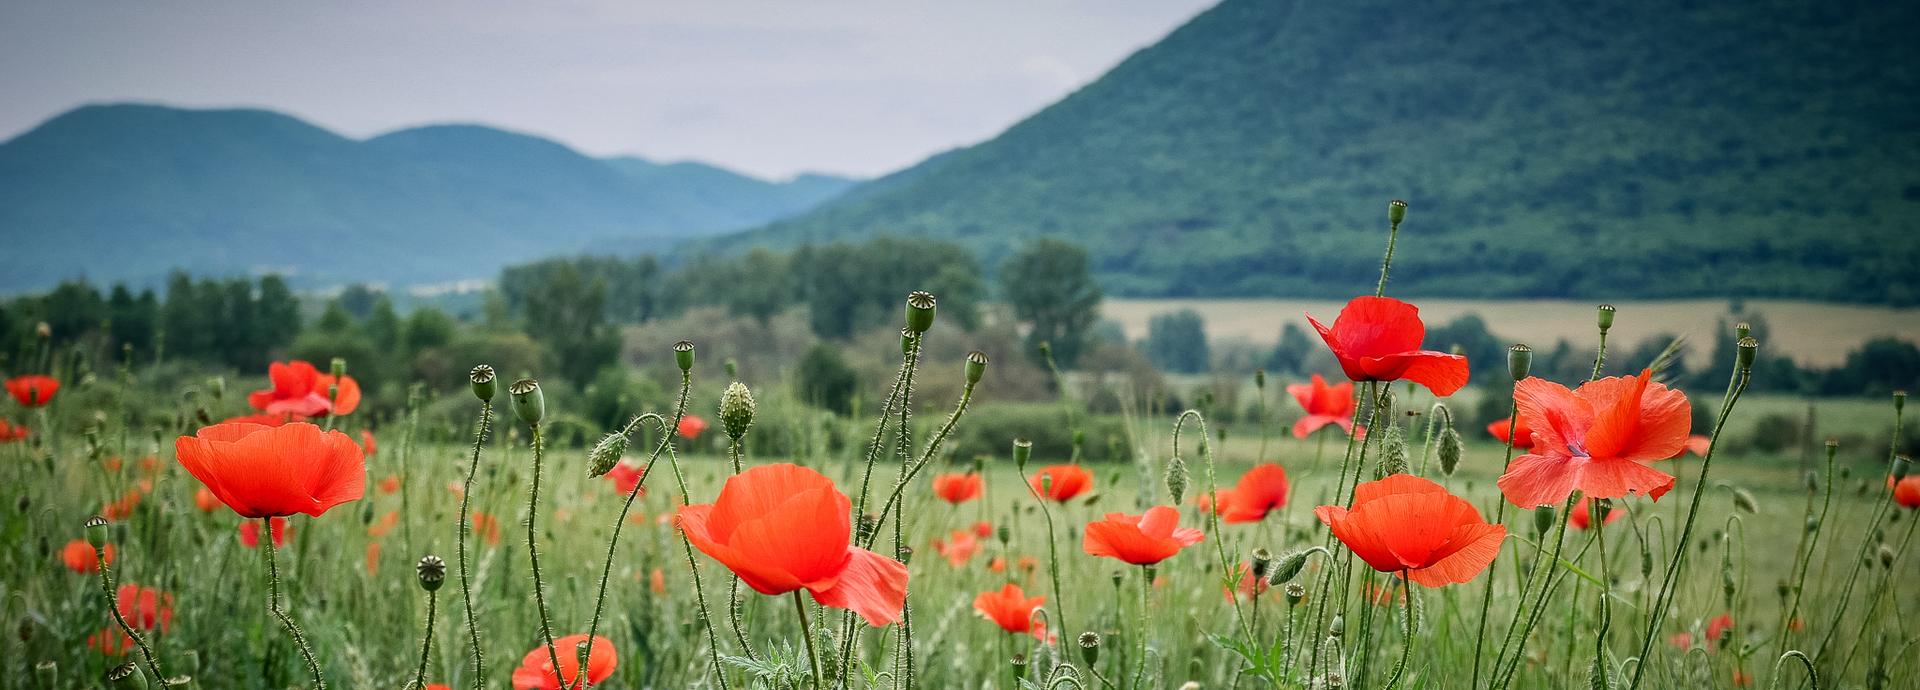 Három nap tekerés szlovákia-karszt vidékén